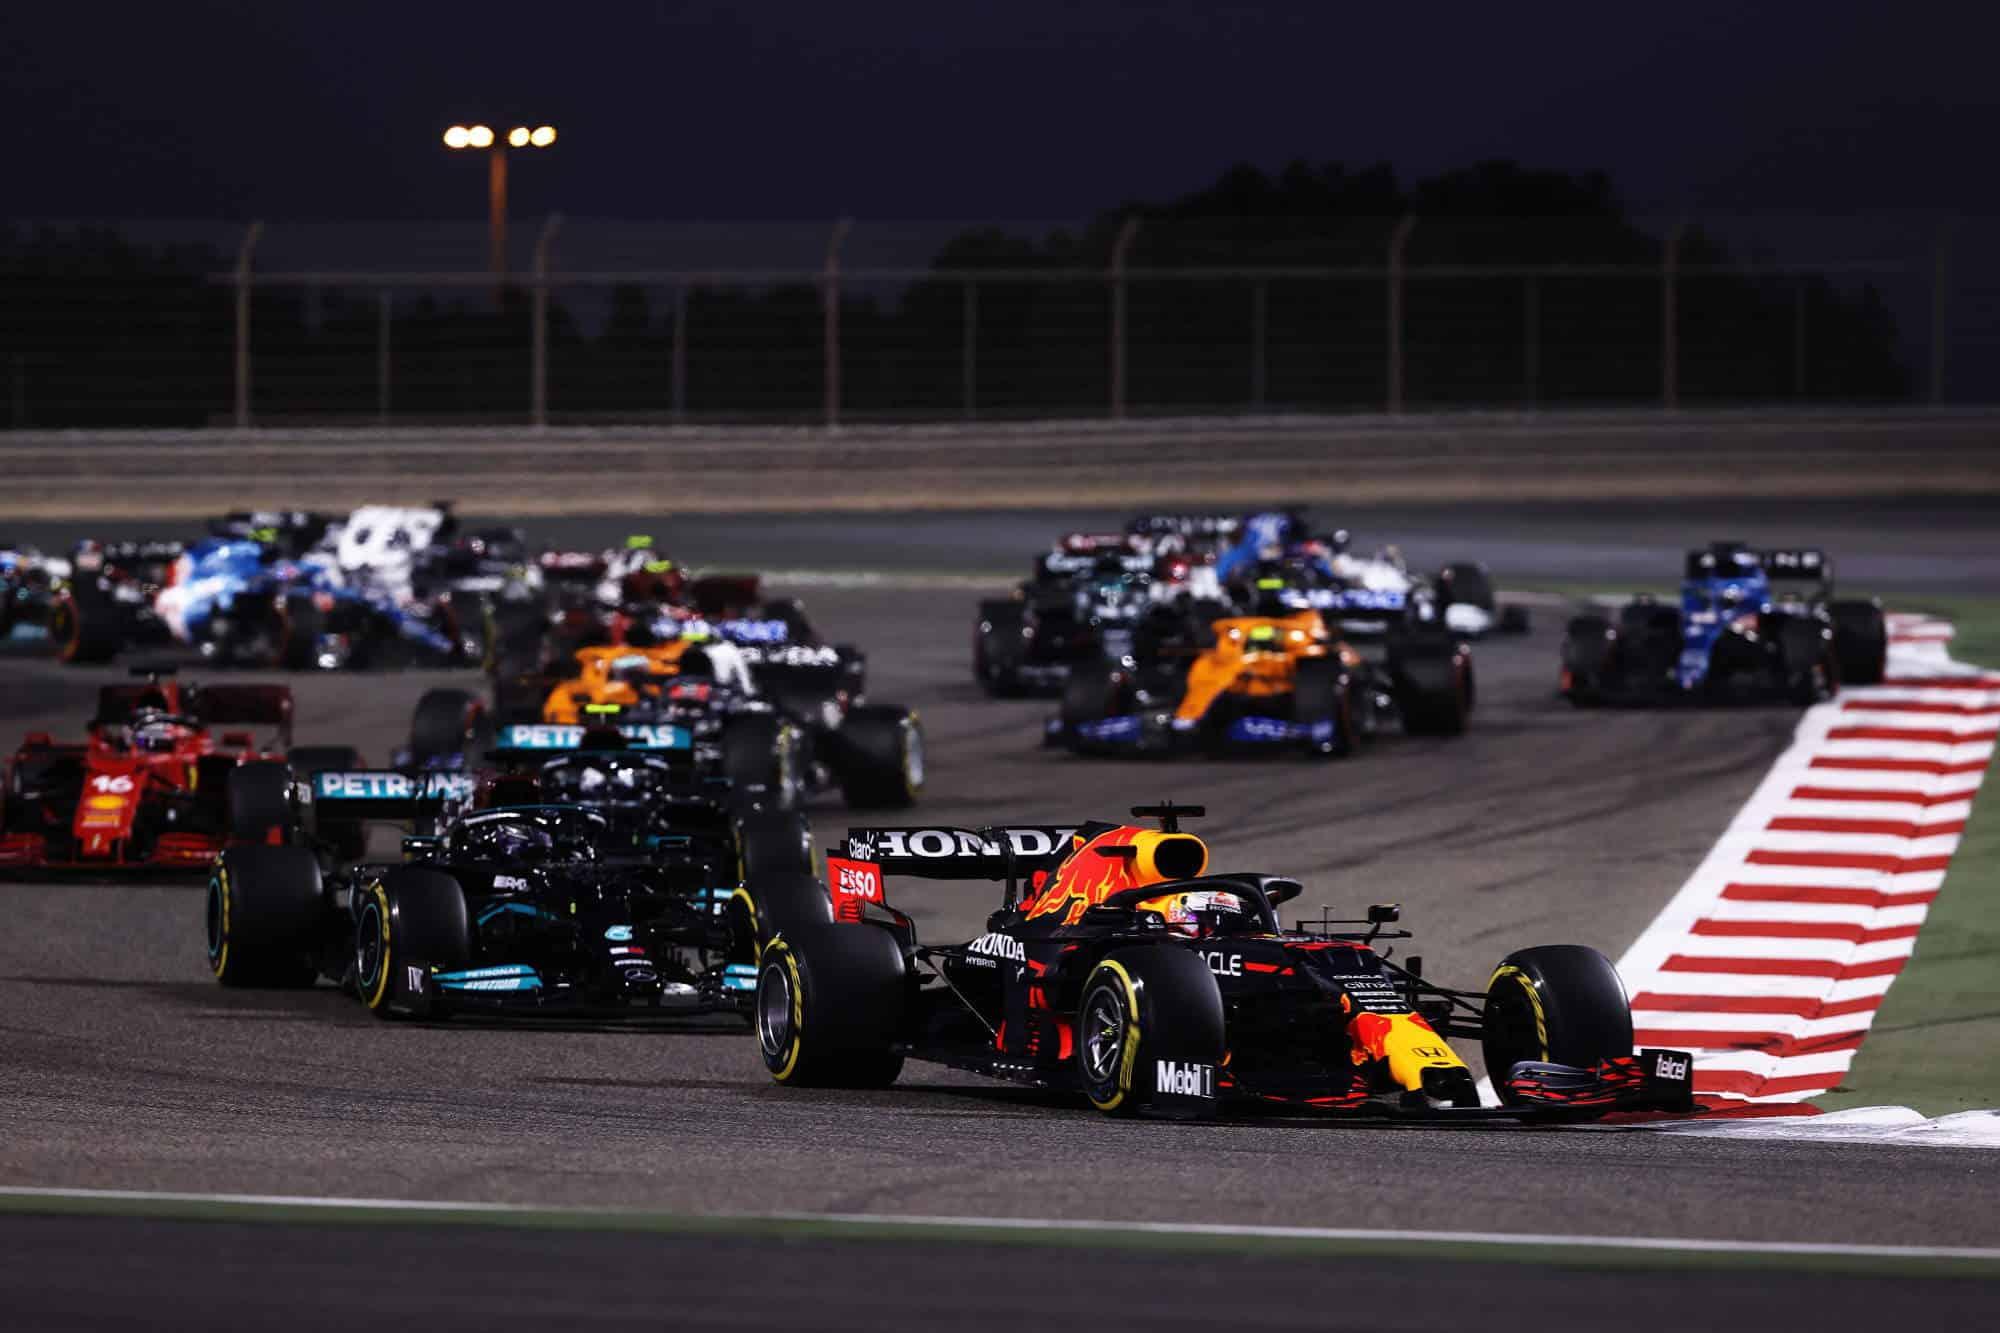 2021 Bahrain GP start of the race Turn 2 Verstappen leads Hamilton Bottas Photo Red Bull